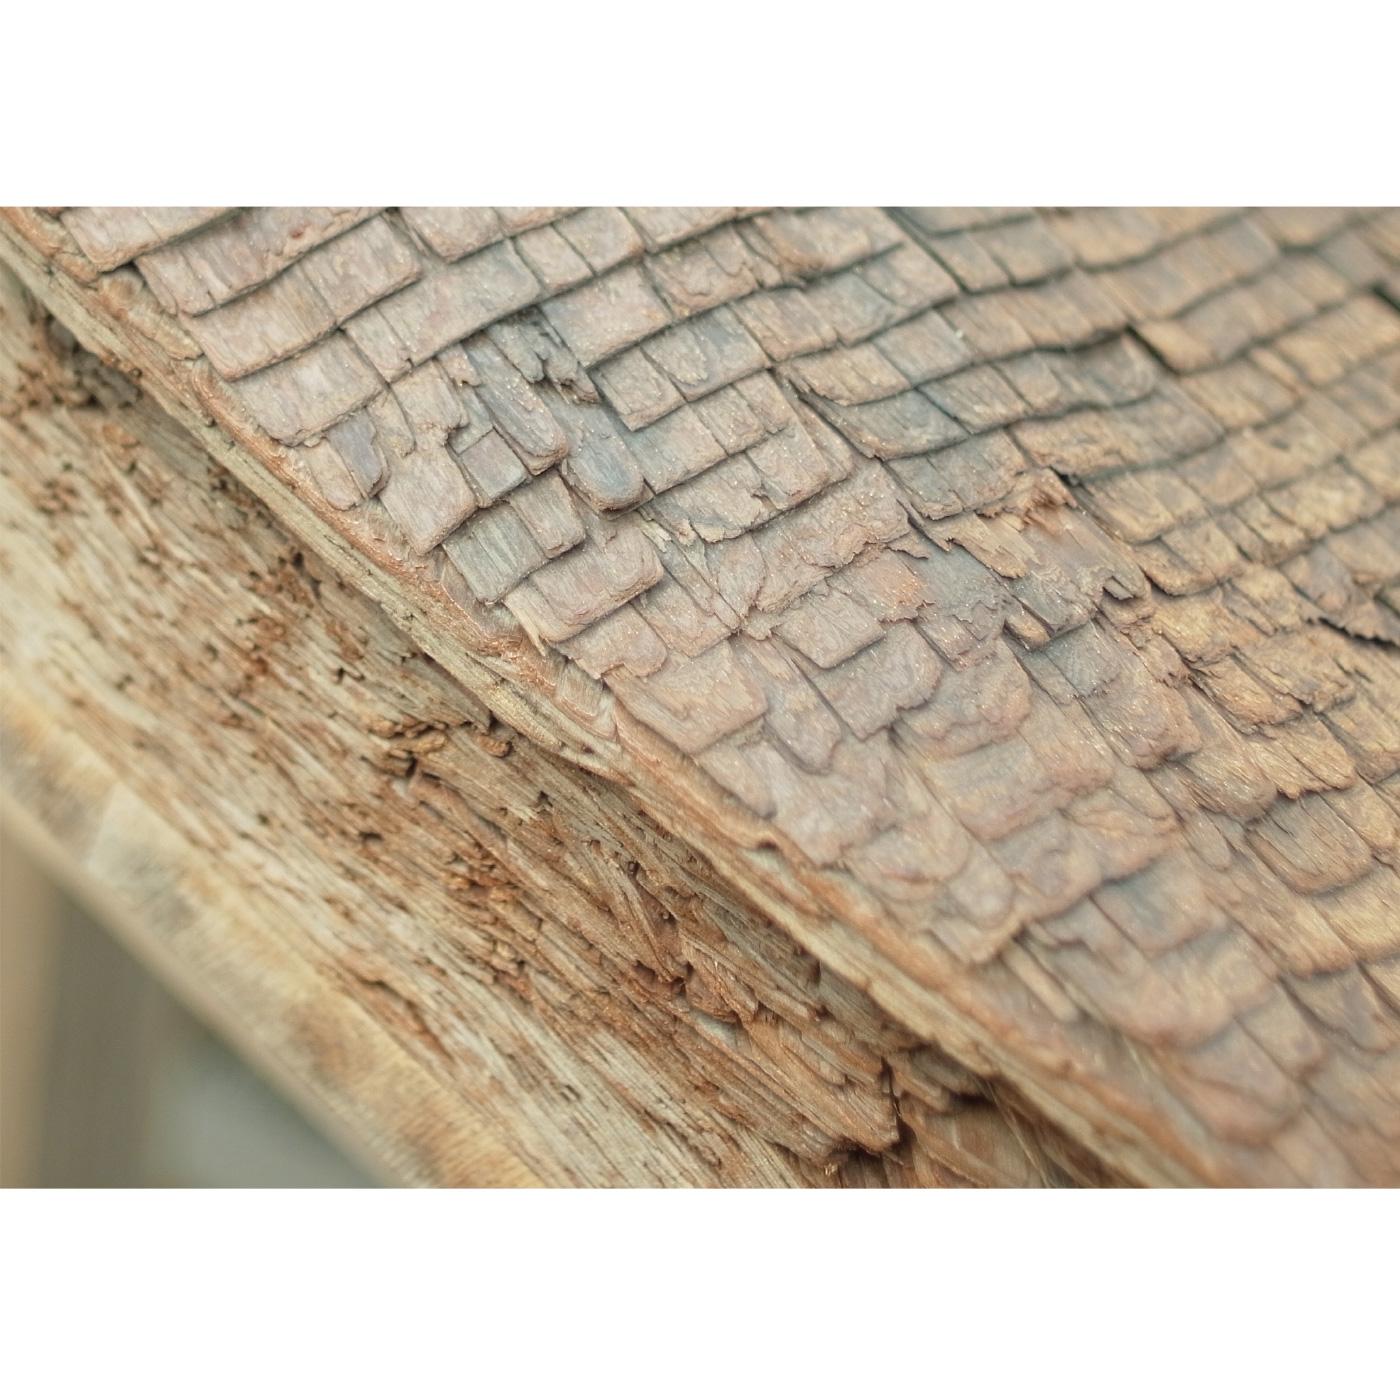 日本古来の屋根工法である檜皮葺(ひわだぶき)。檜(ひのき)の樹皮を重ねて葺いてゆきます。二十一年に一度修復され、くり返し伝承され続けています。